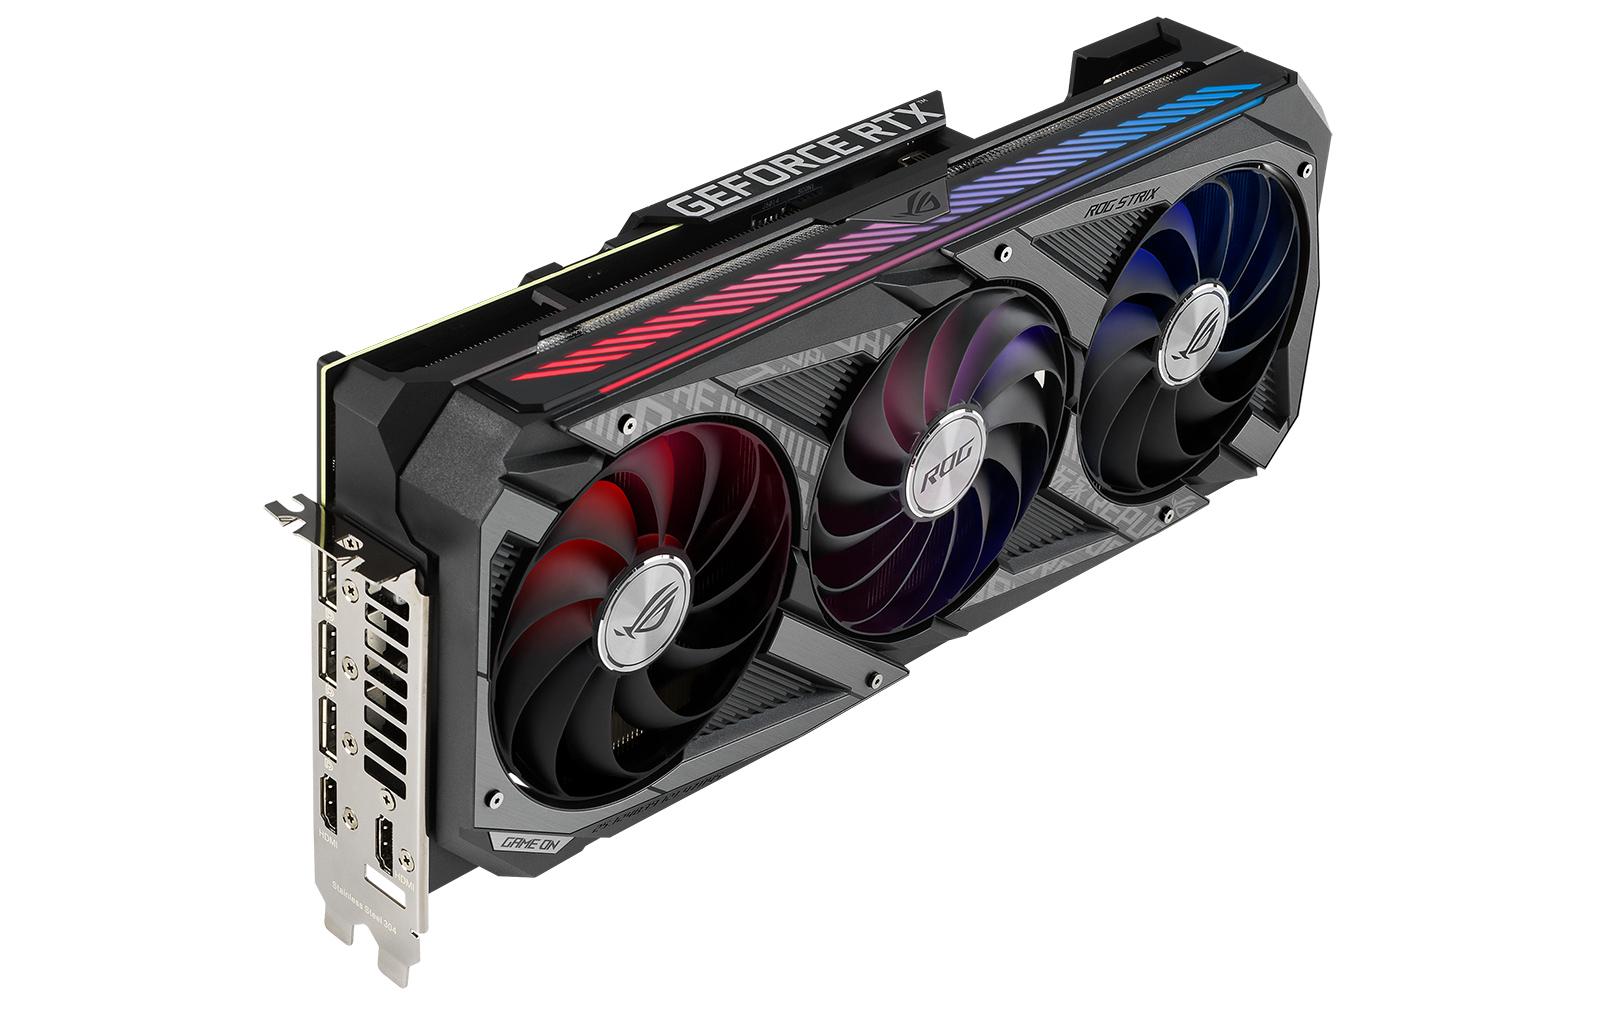 ROG Strix GeForce RTX 3080